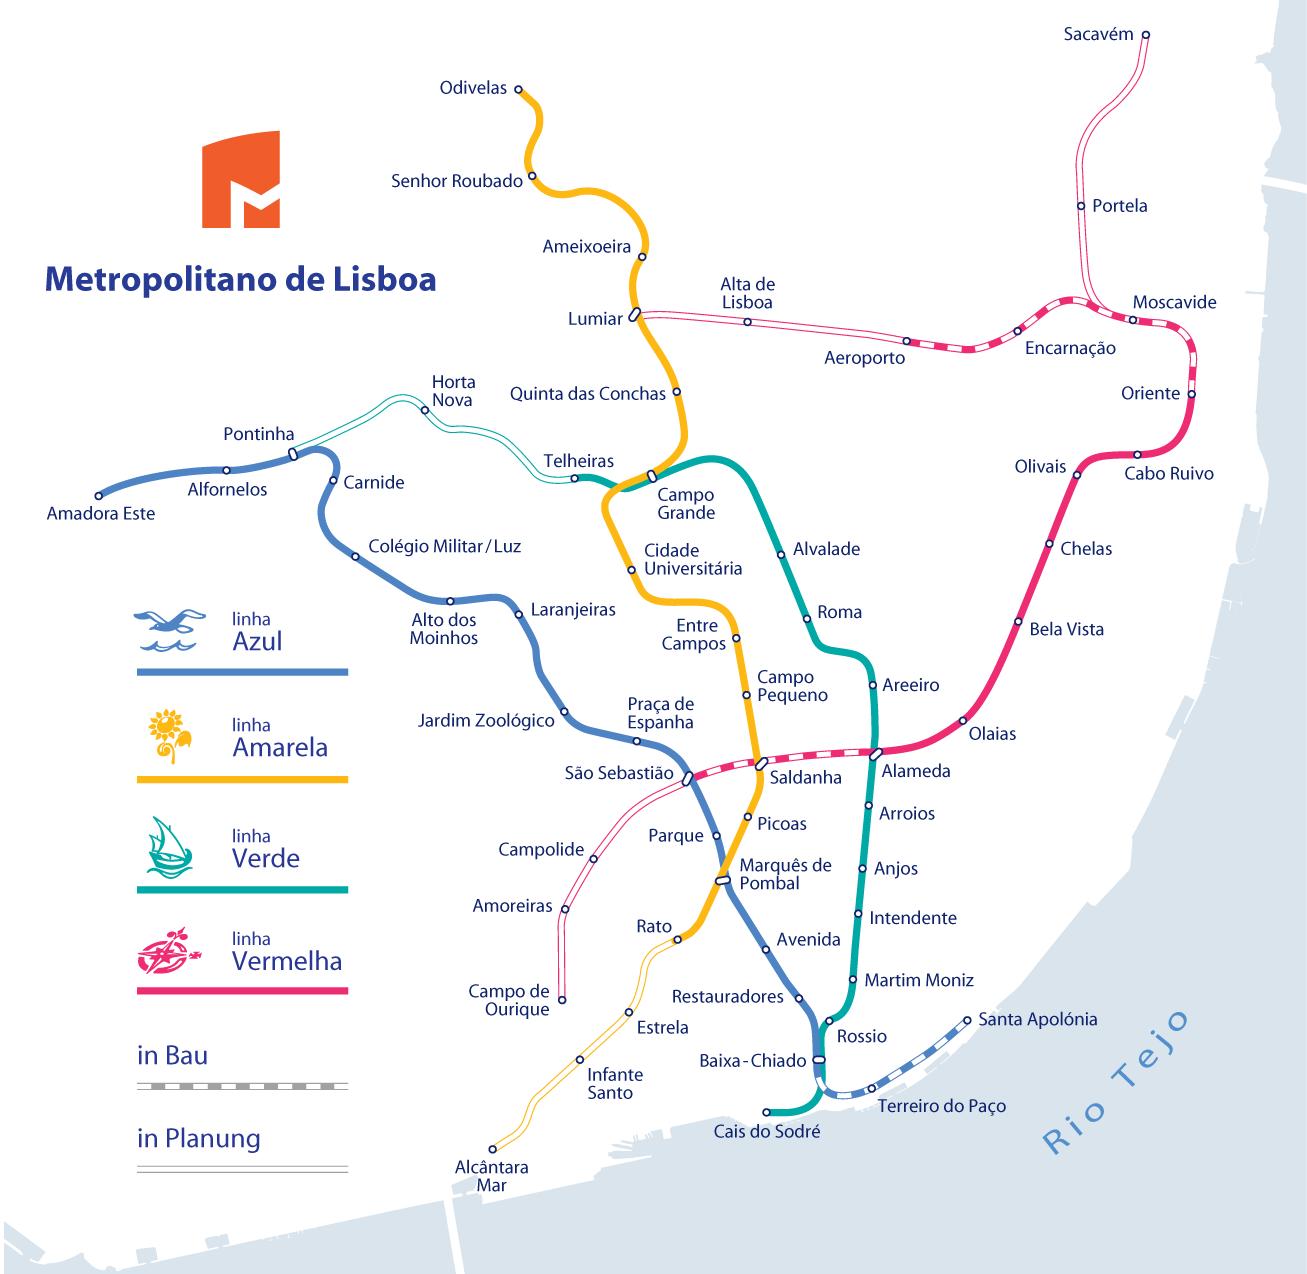 Metro de Lisboa - Guia de Sobrevivência: Info, Mapas, Dicas 1